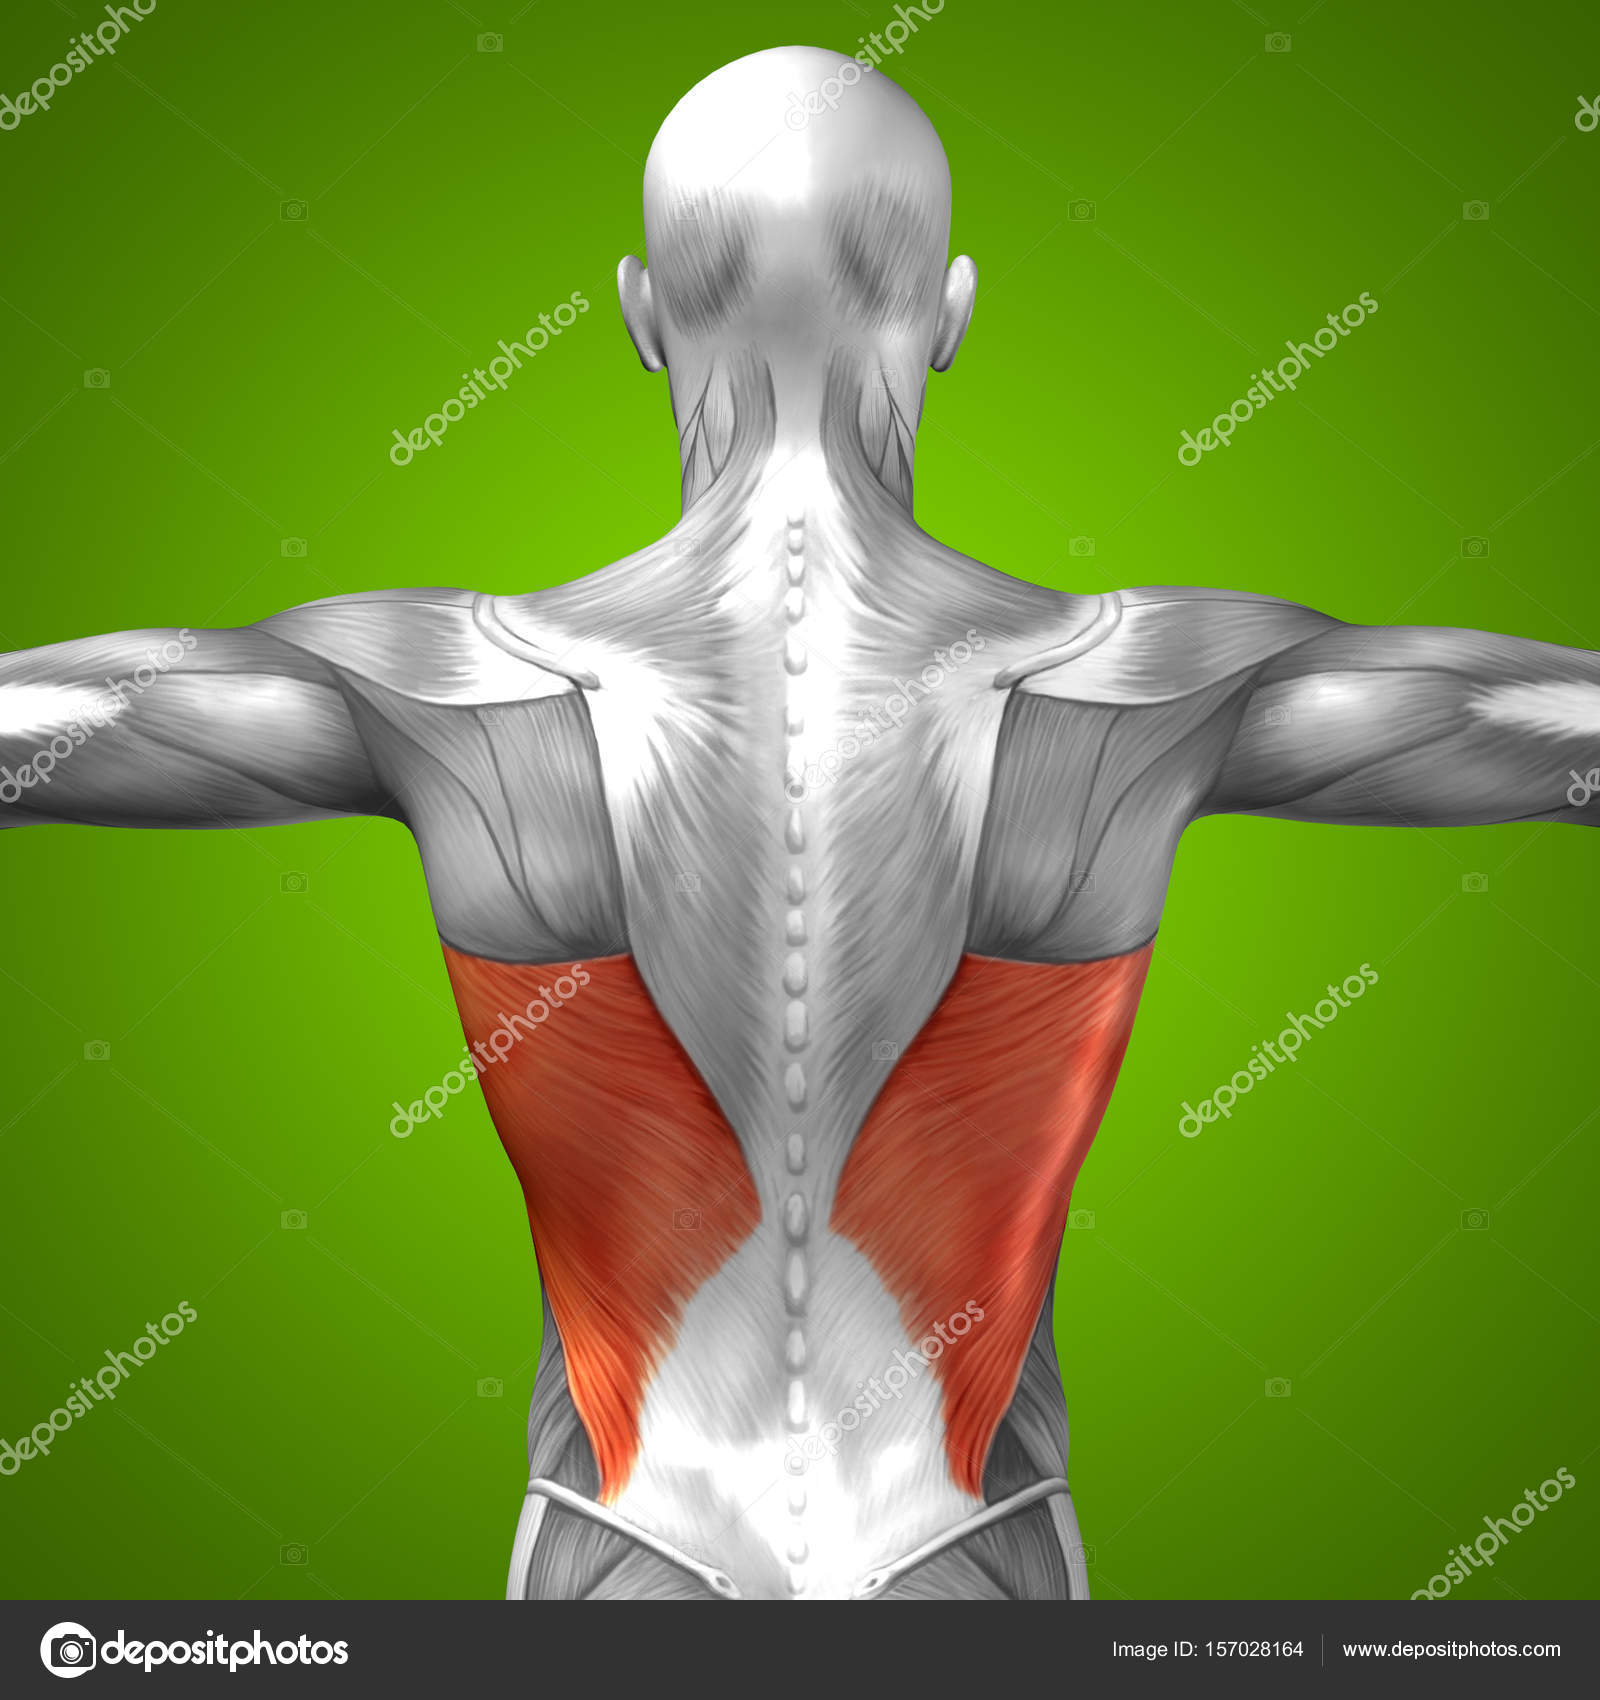 Anatomie des Menschen zurück — Stockfoto © design36 #157028164